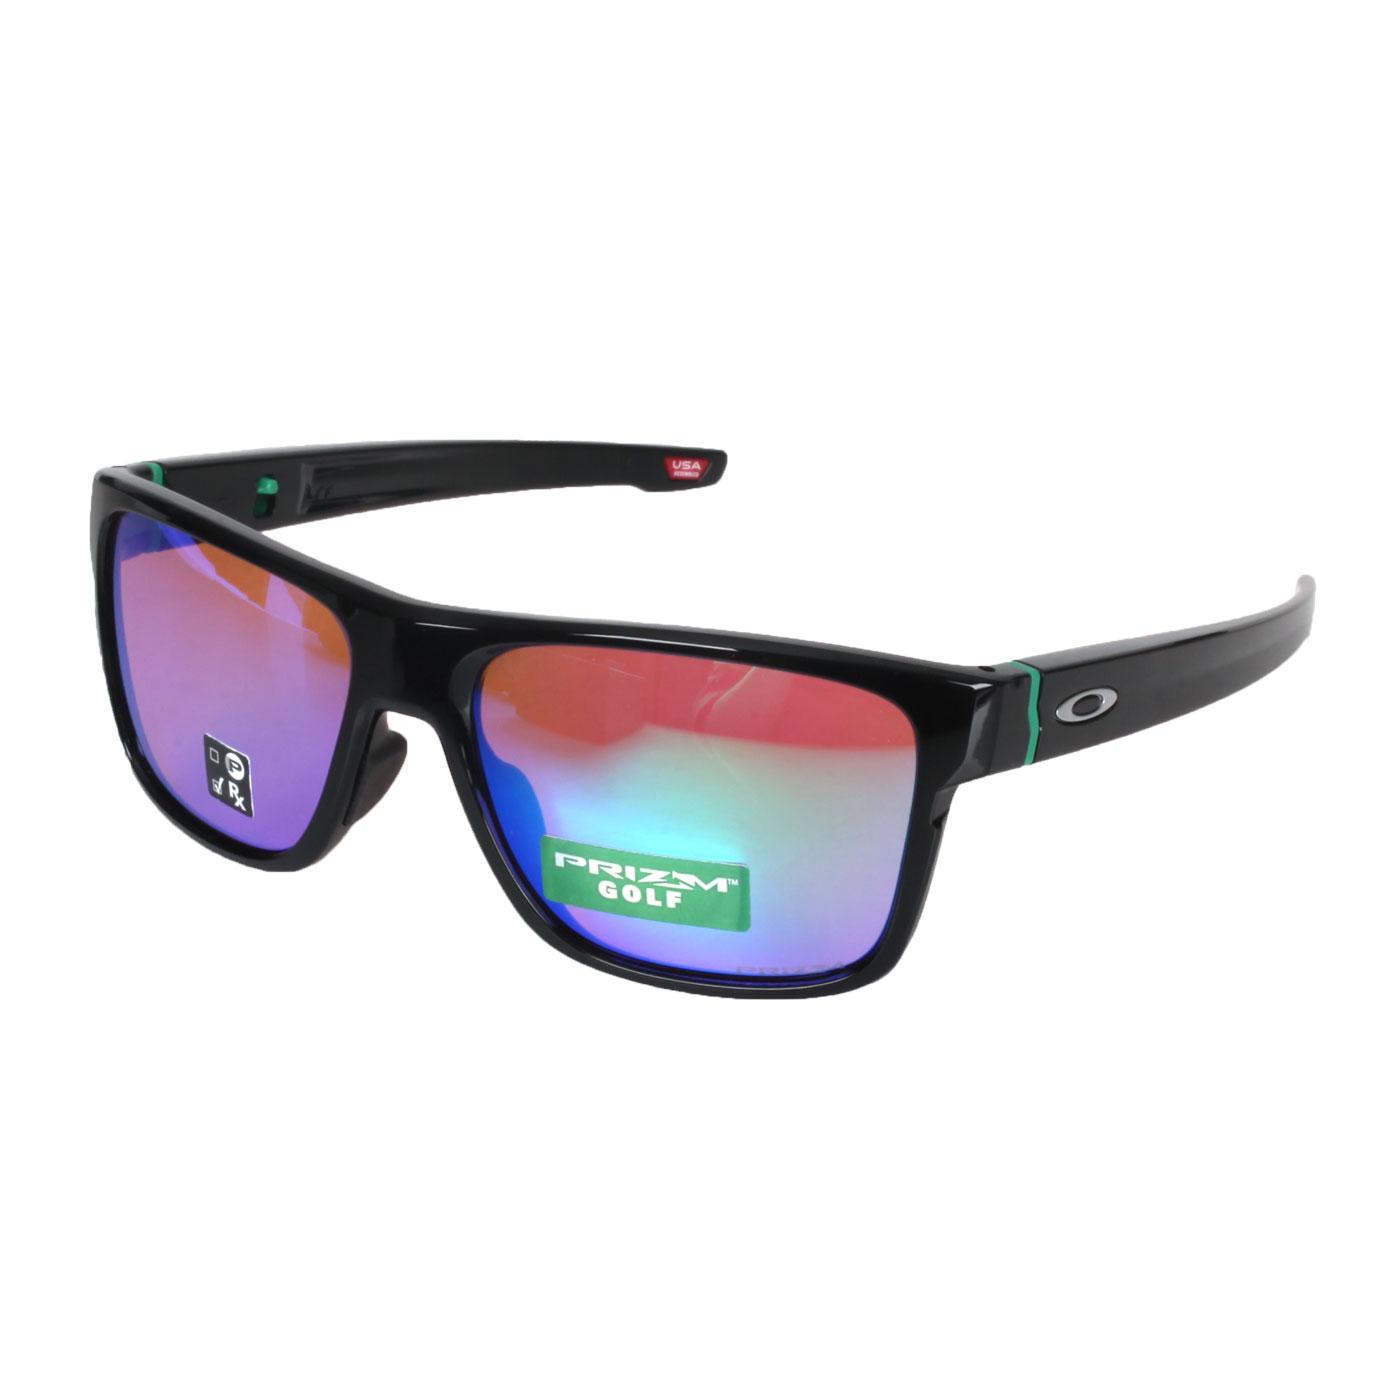 OAKLEY CROSSRANGE一般太陽眼鏡(附鏡袋) OAK-OO9371-1257